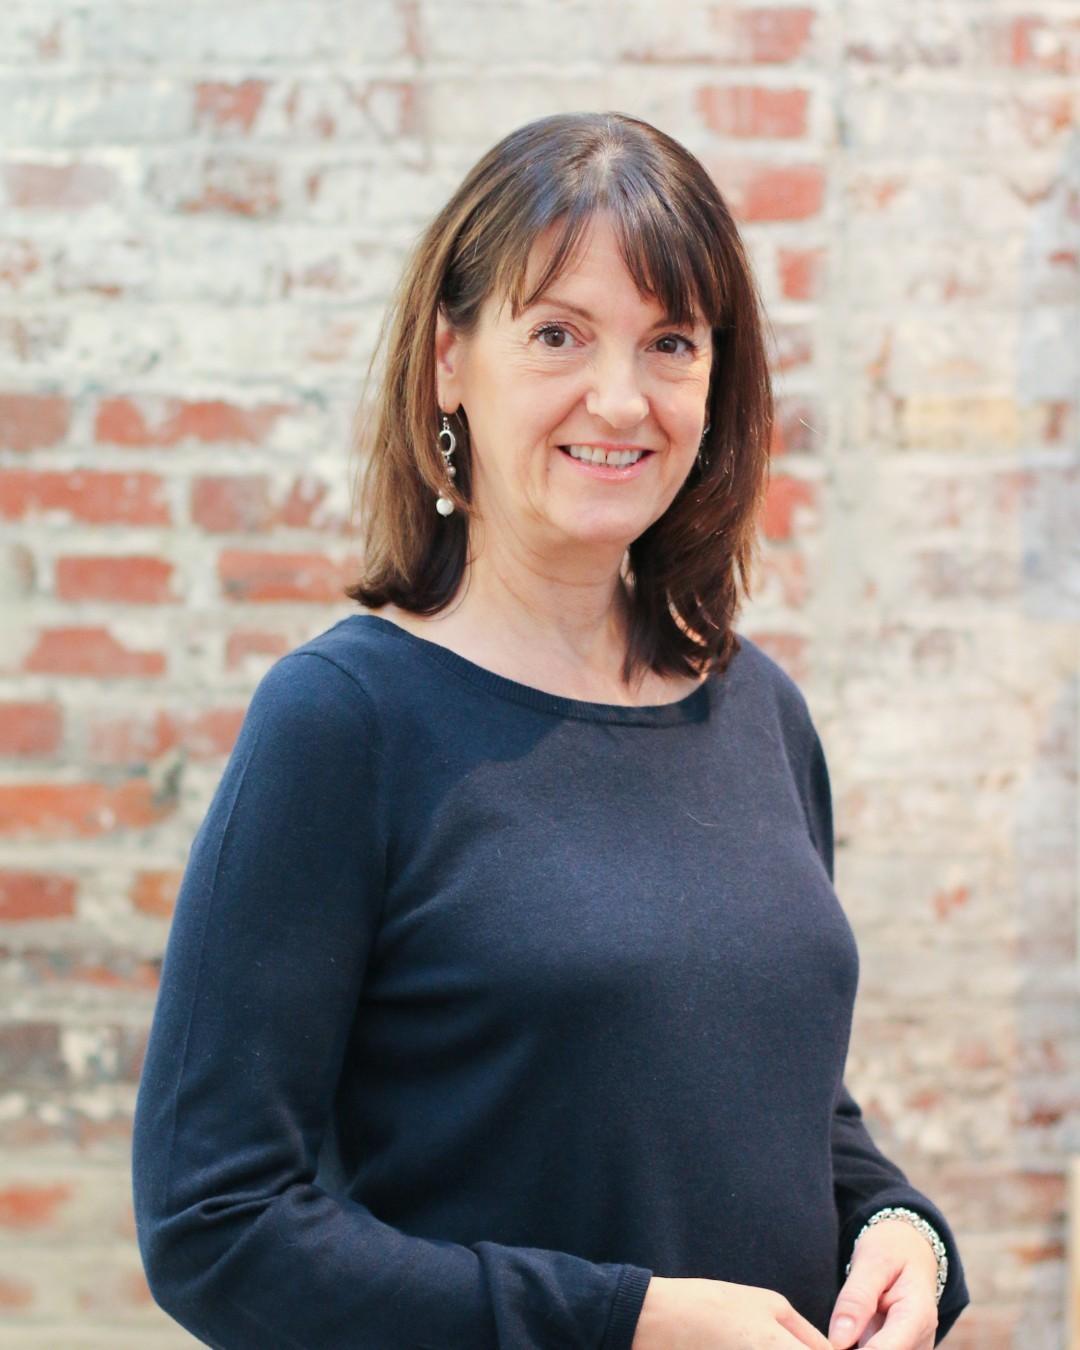 Dawn Kackley joins Benchworks